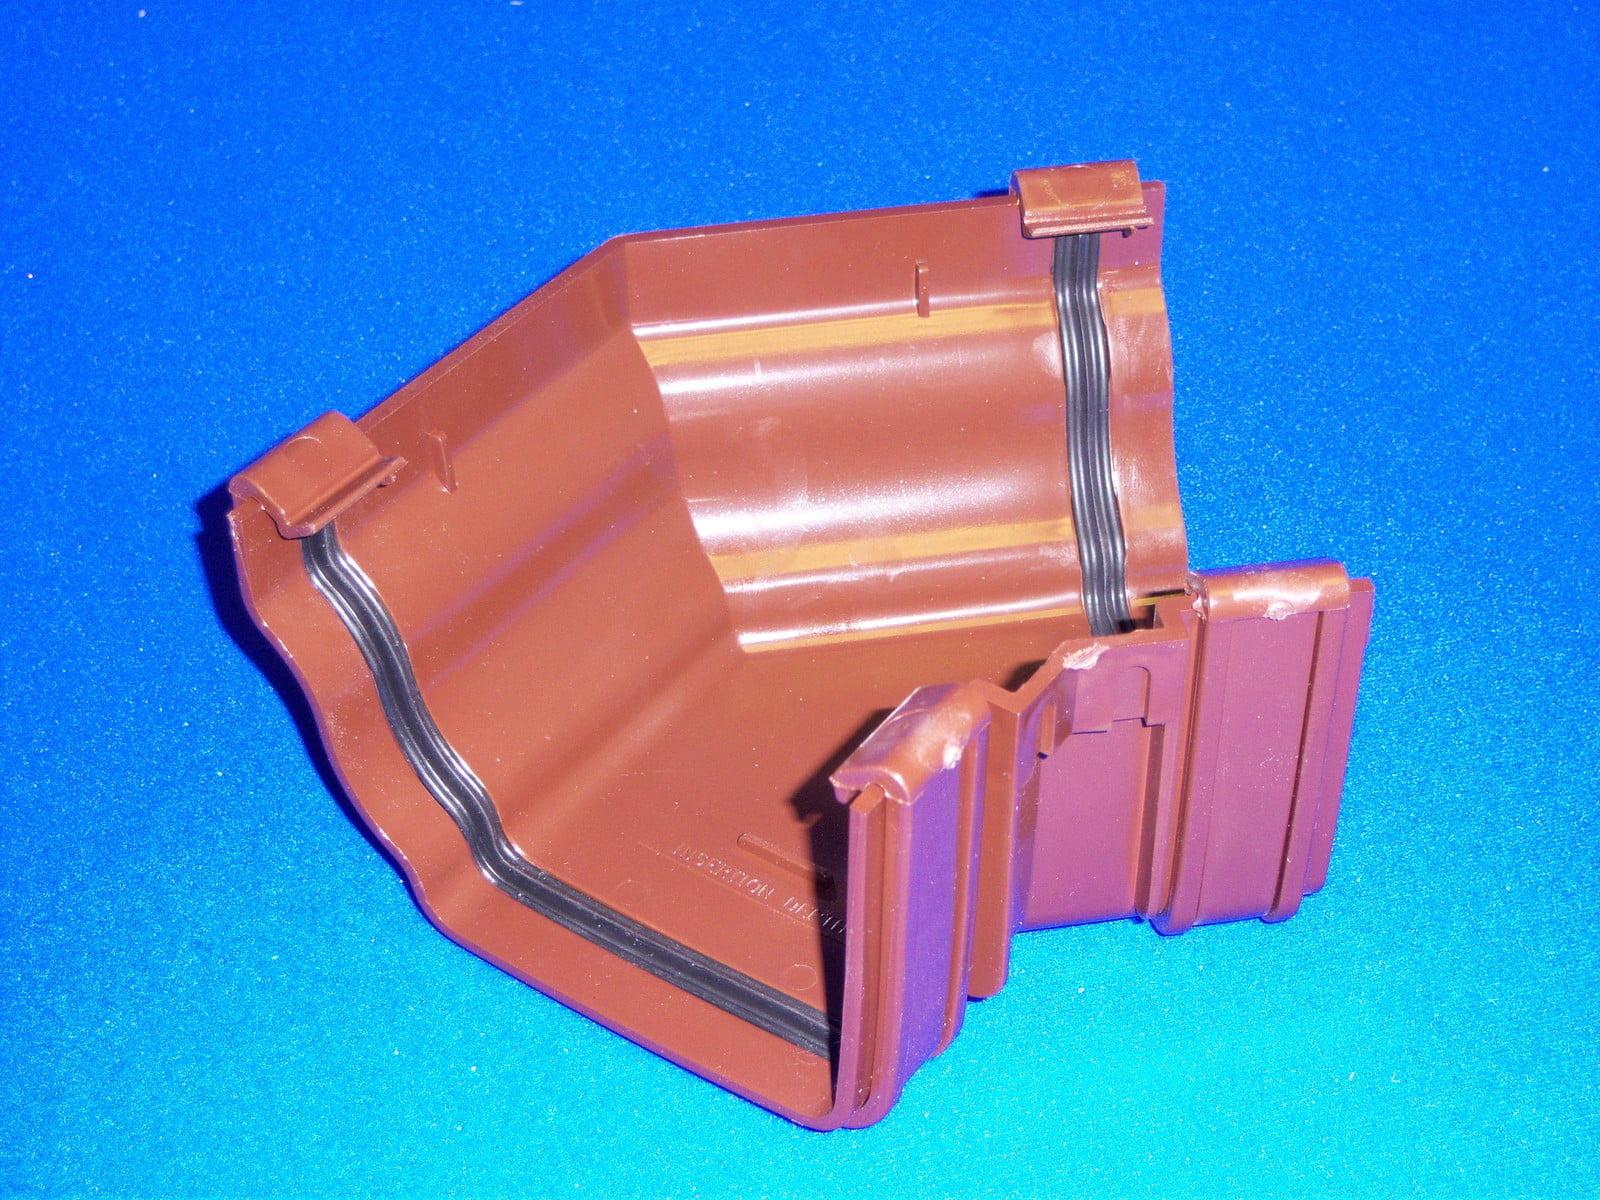 Mgu135 Ultraframe Marley Classic 135 External Gutter 45